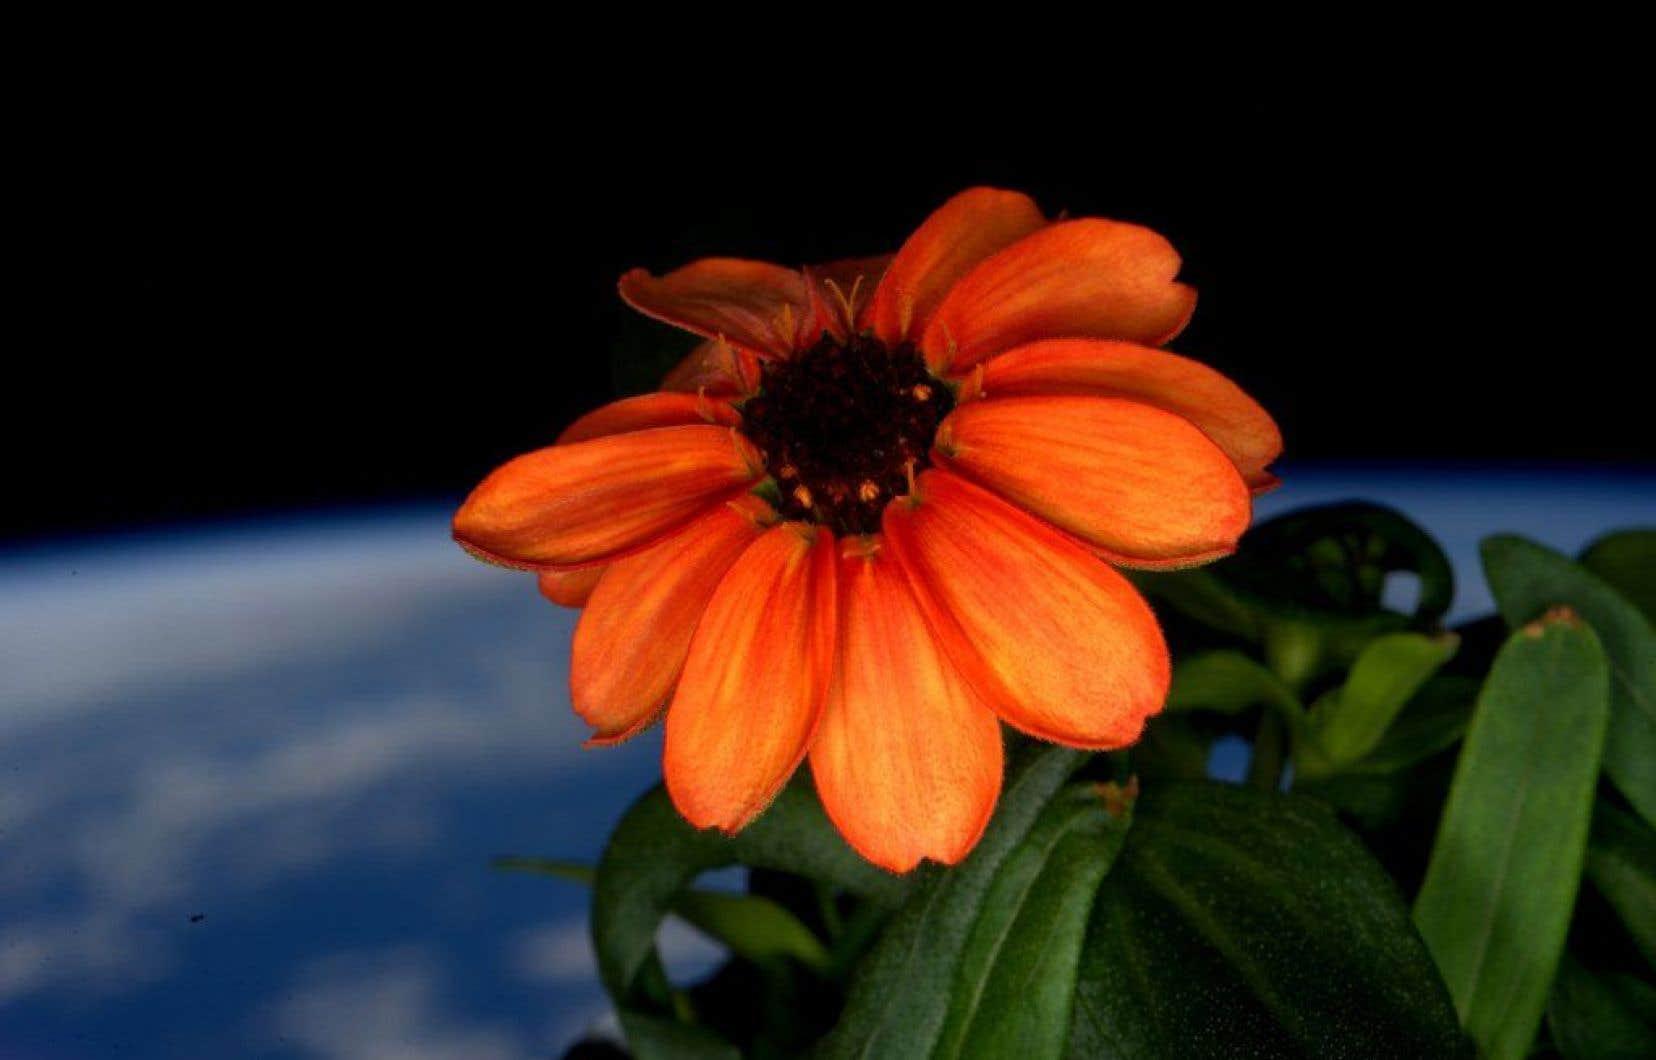 Le zinnia pousse très facilement sur la Terre et fleurit abondamment pendant l'été.